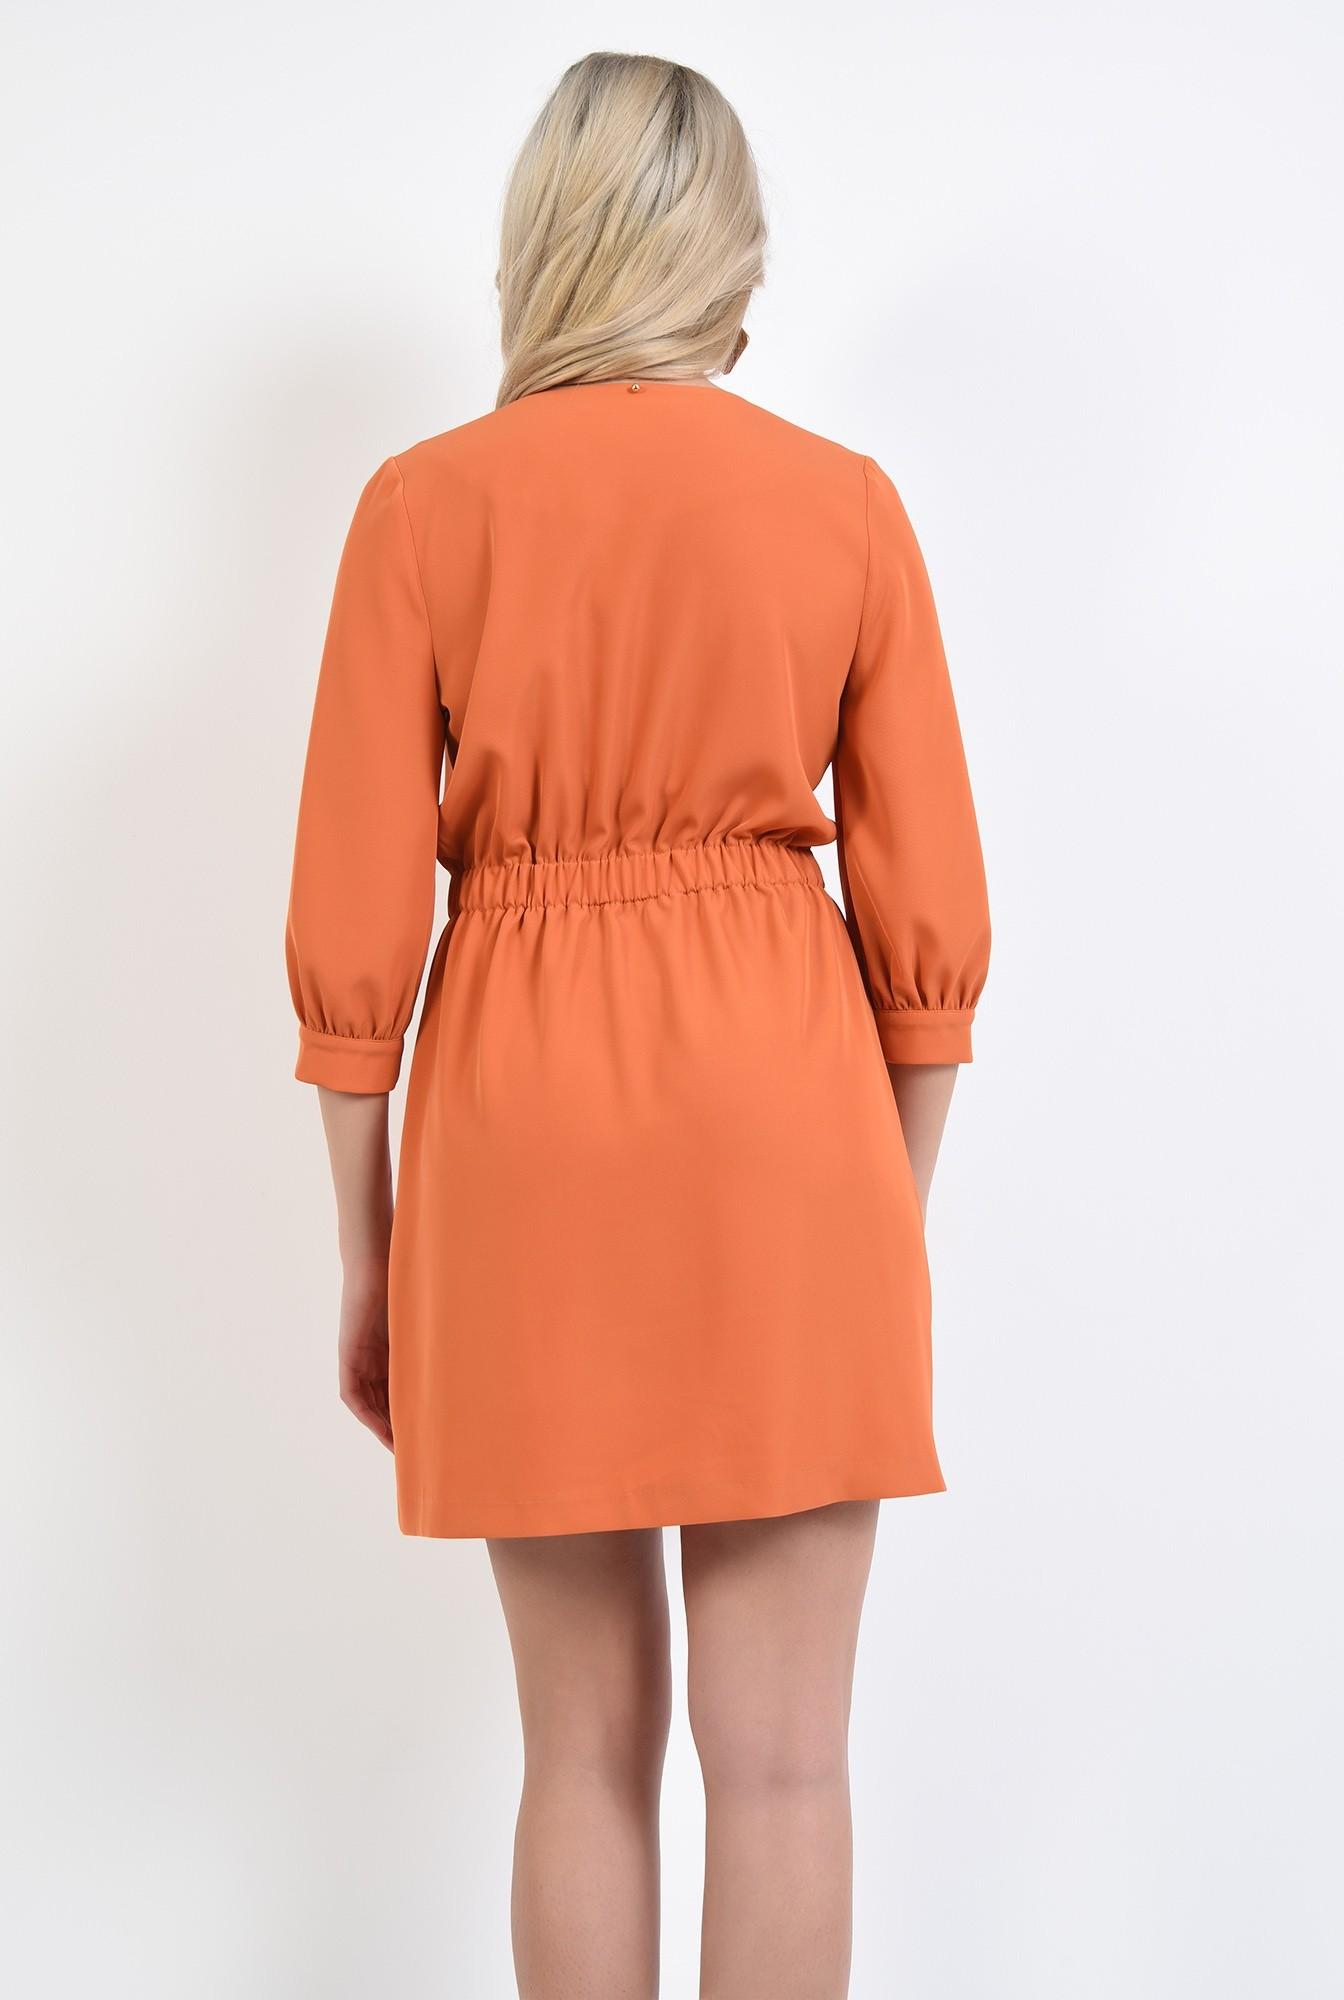 1 - rochie orange, mini, anchior petrecut, inchidere la doi nasturi